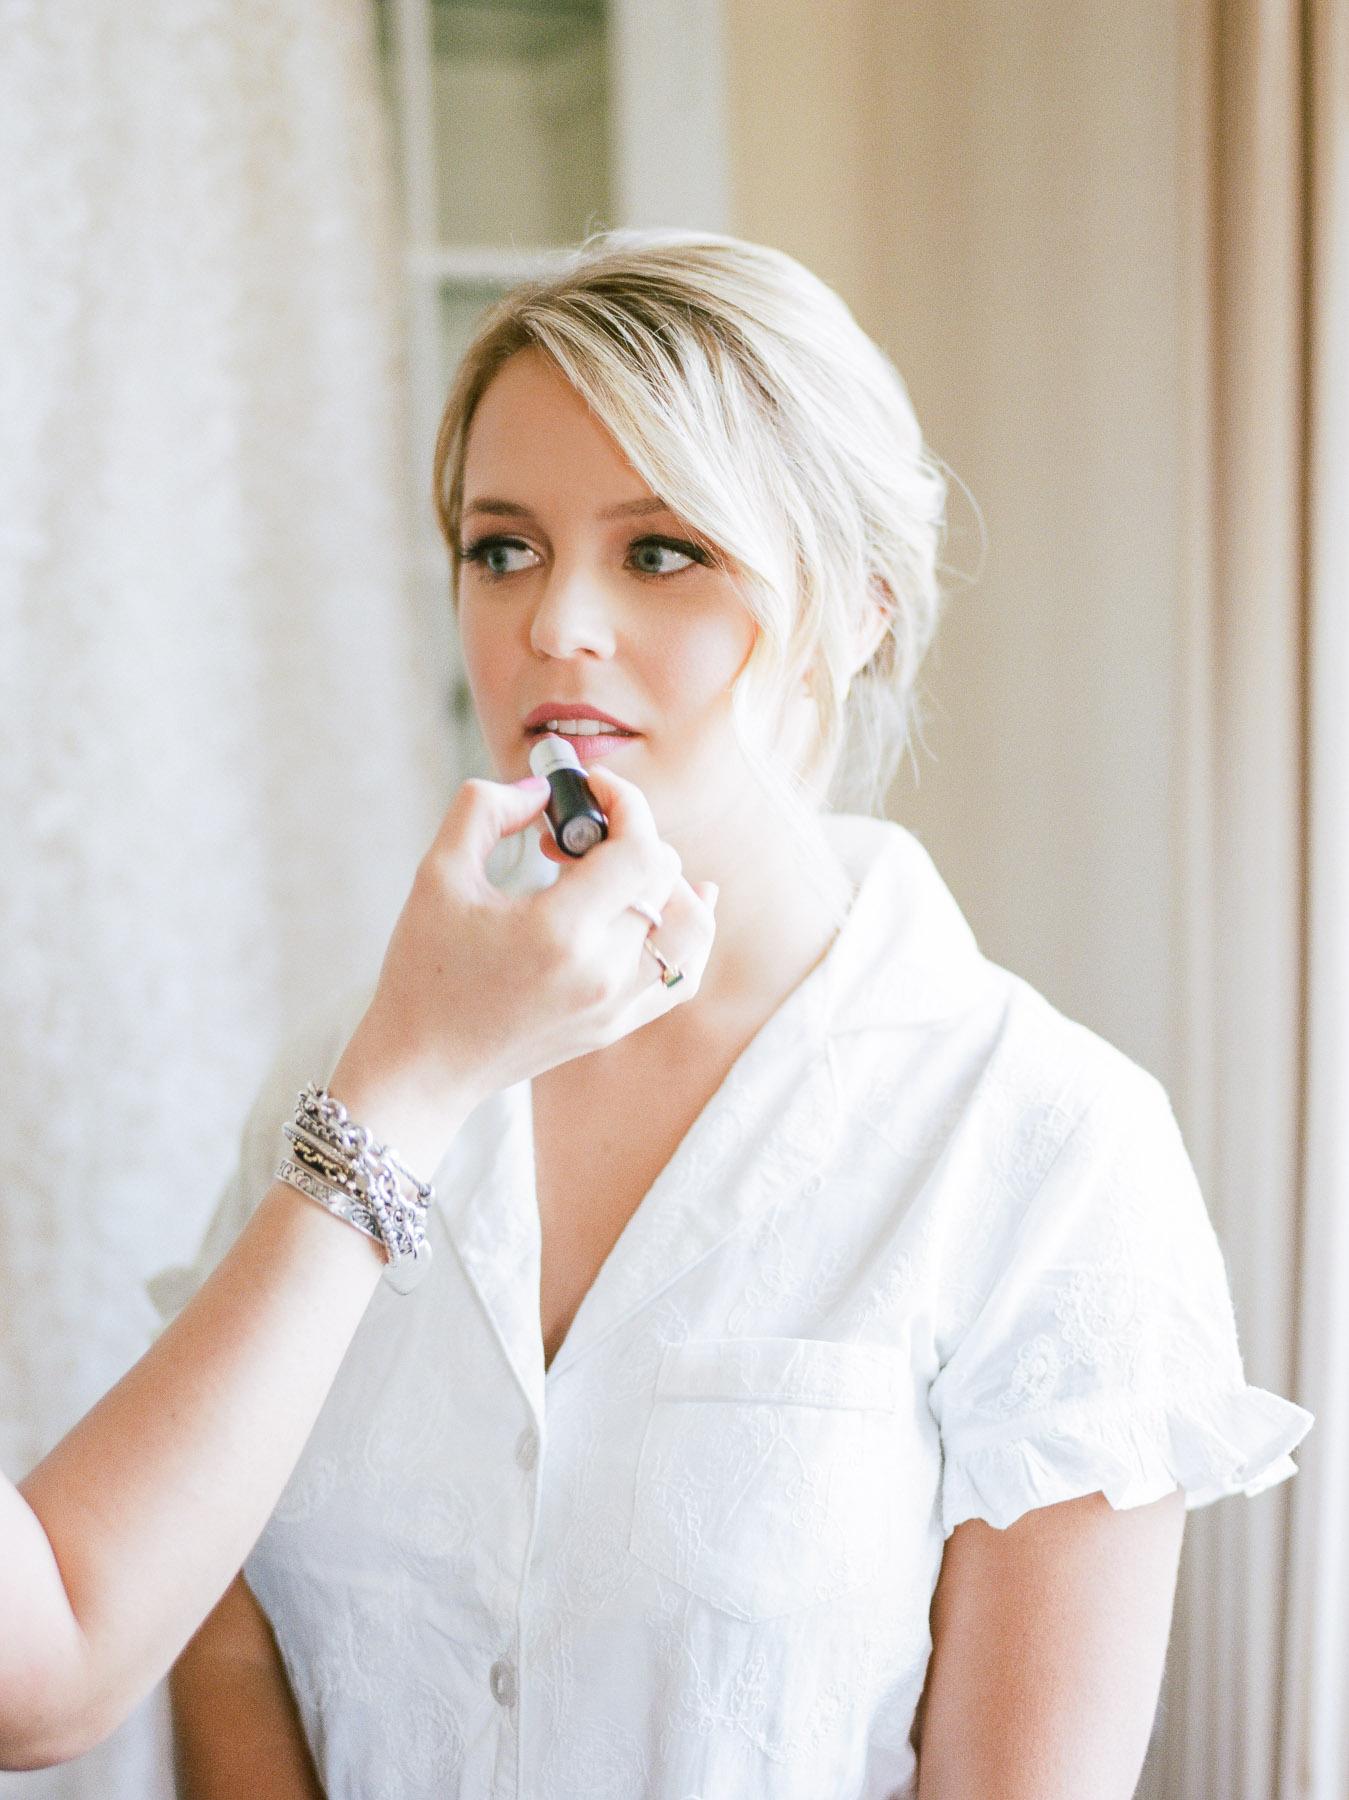 Bride Lipstick Photo